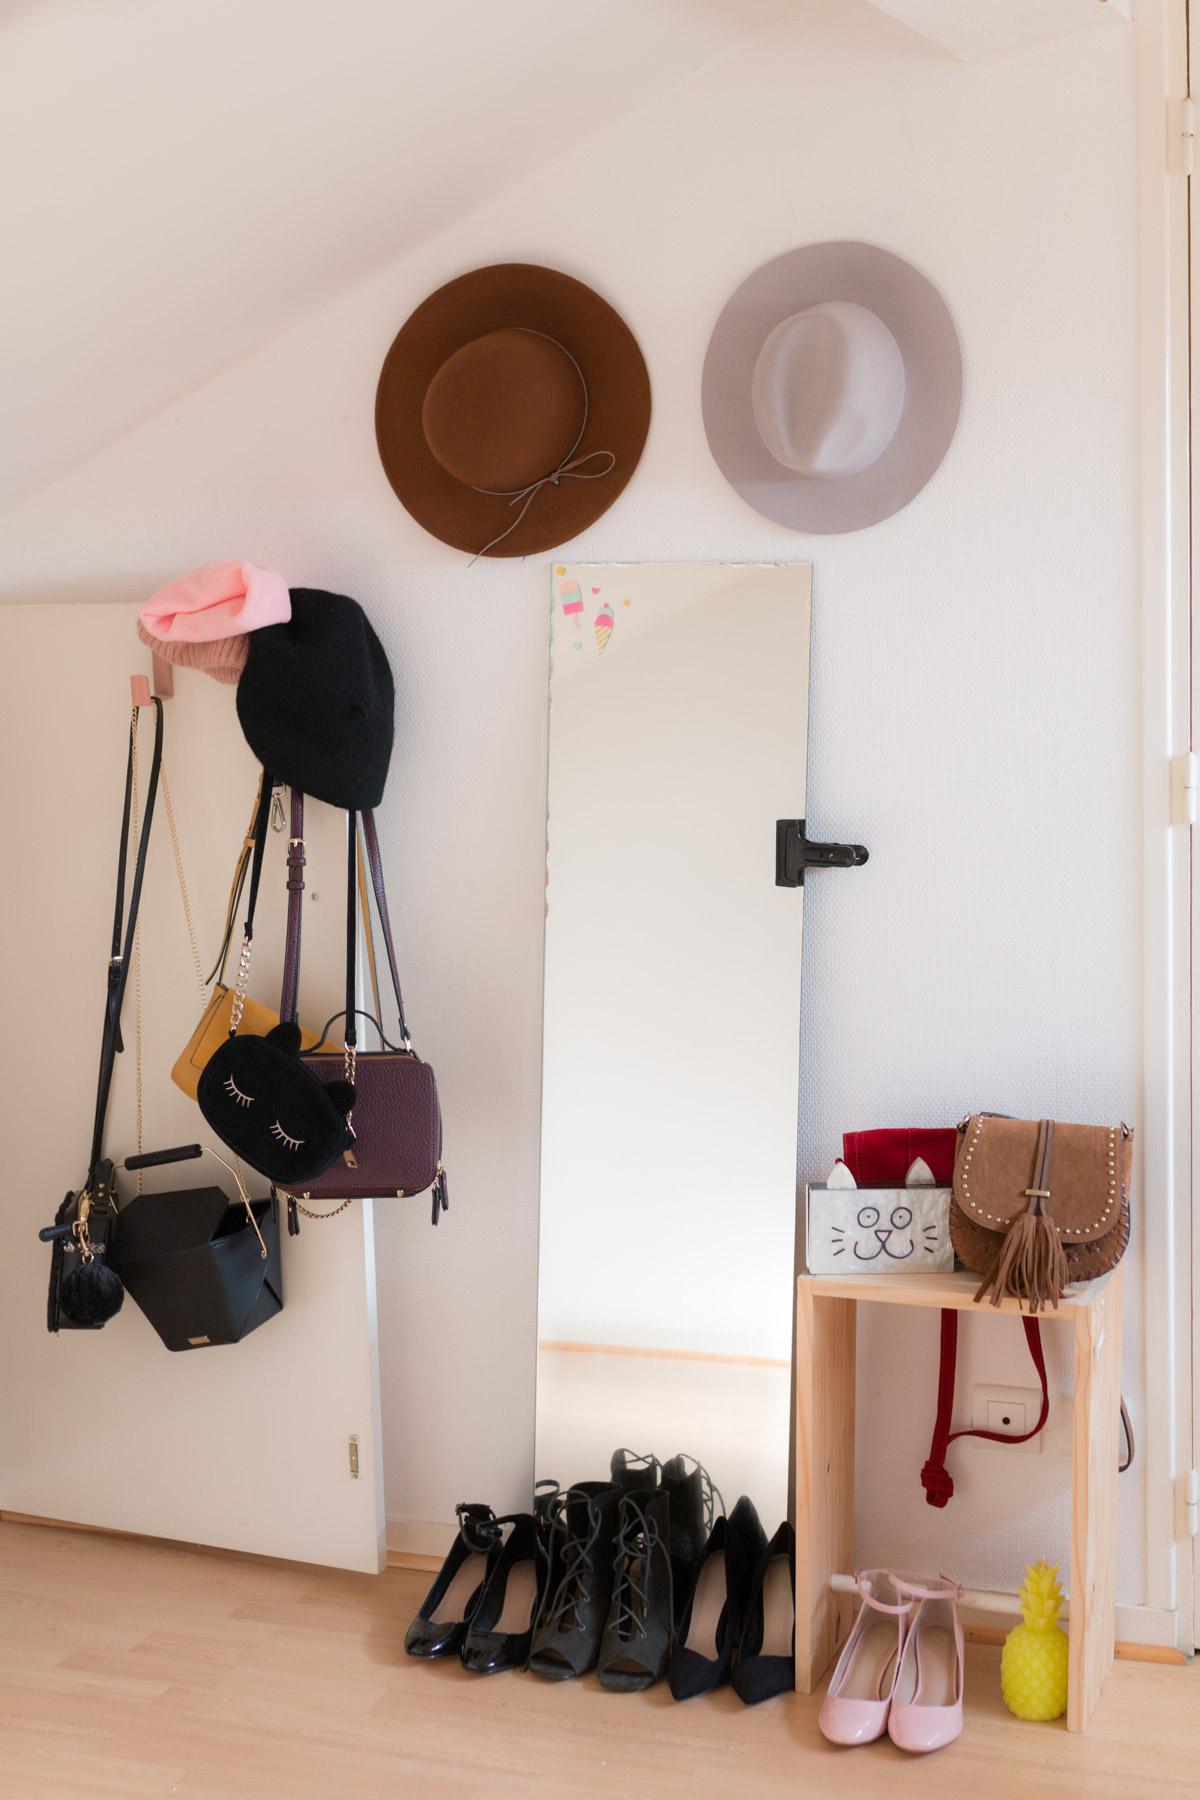 decoration chambre rose et blanc I Sp4nkblog_-7